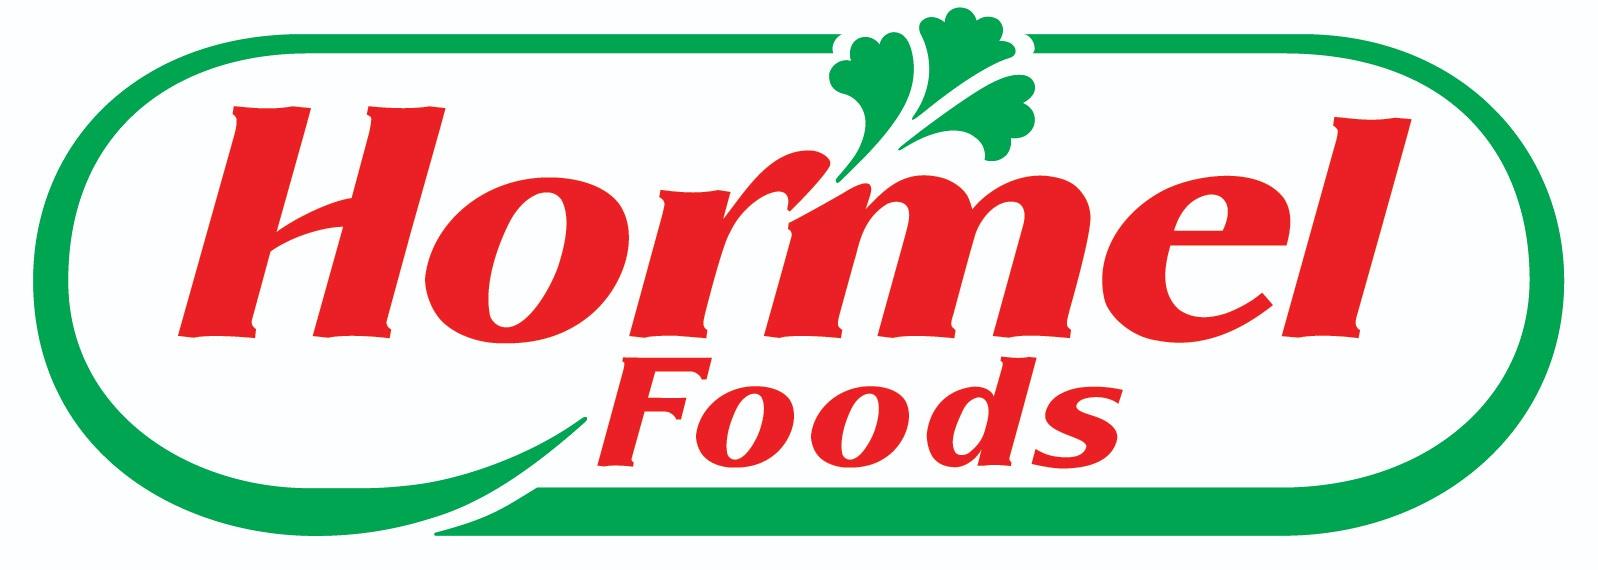 Hormel+Foods+color+logo.jpg